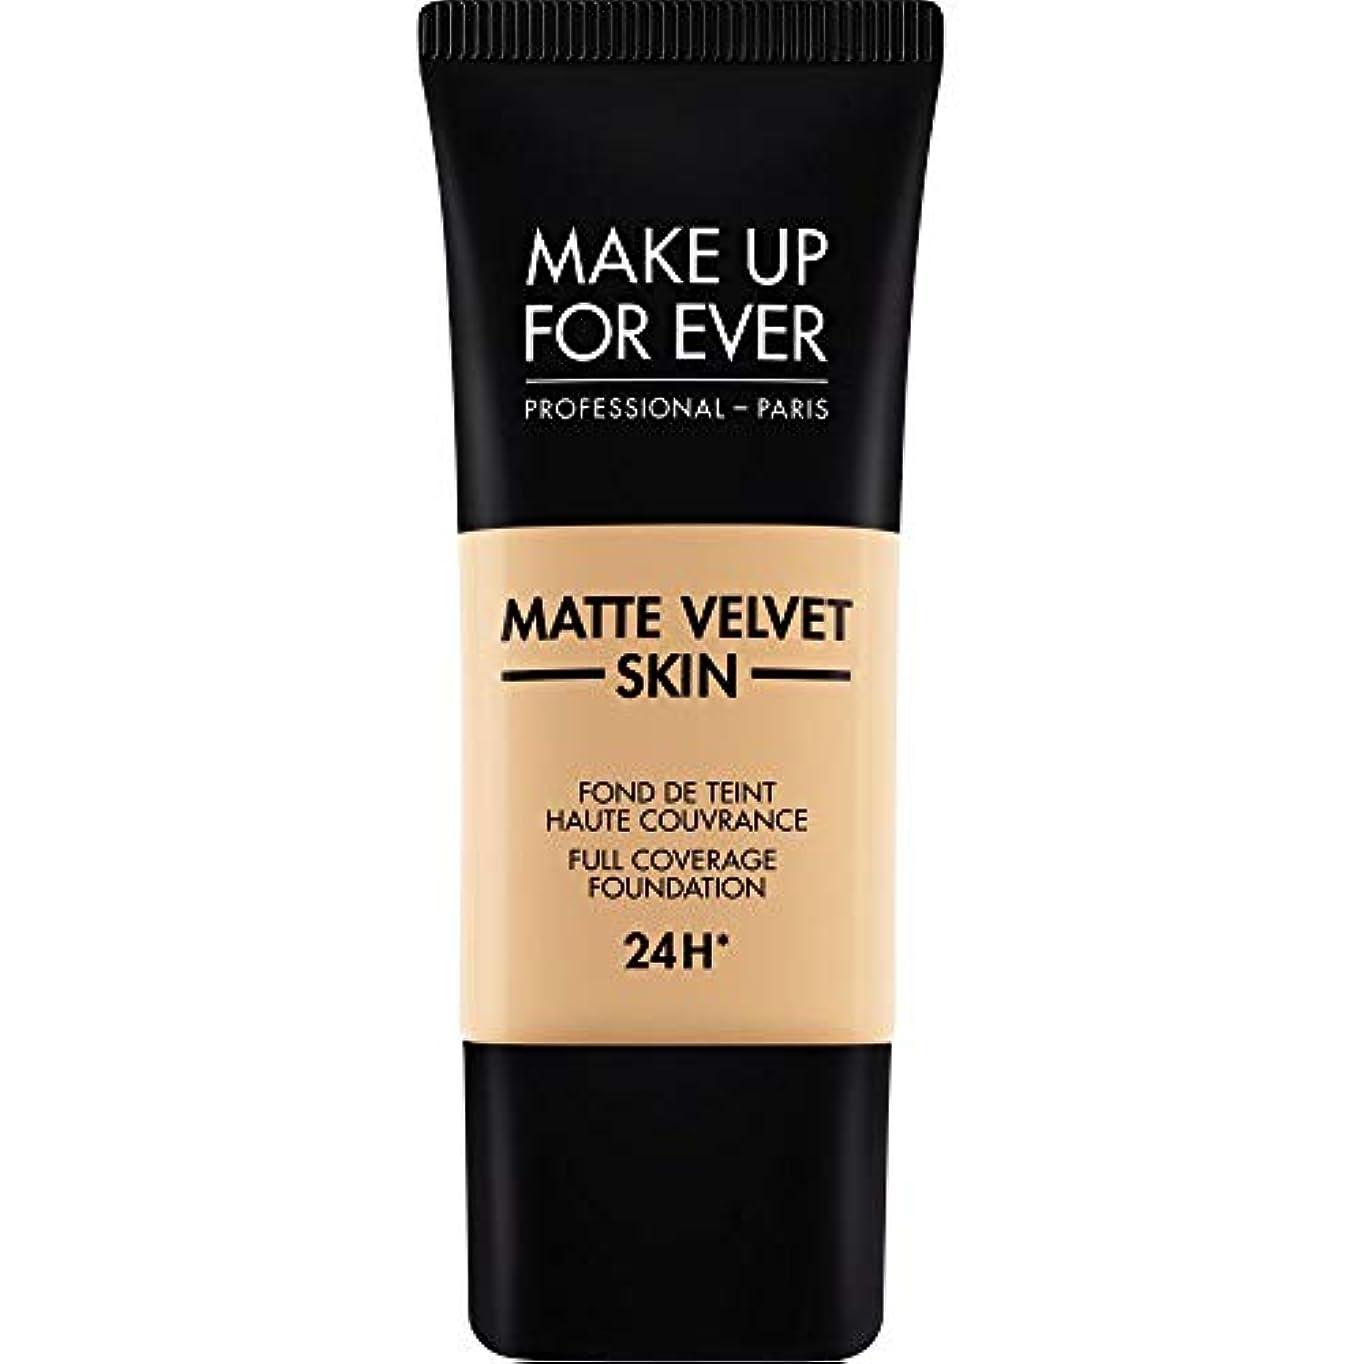 砲撃胆嚢警官[MAKE UP FOR EVER ] 暗い砂 - これまでマットベルベットの皮膚のフルカバレッジ基礎30ミリリットルのY335を補います - MAKE UP FOR EVER Matte Velvet Skin Full...